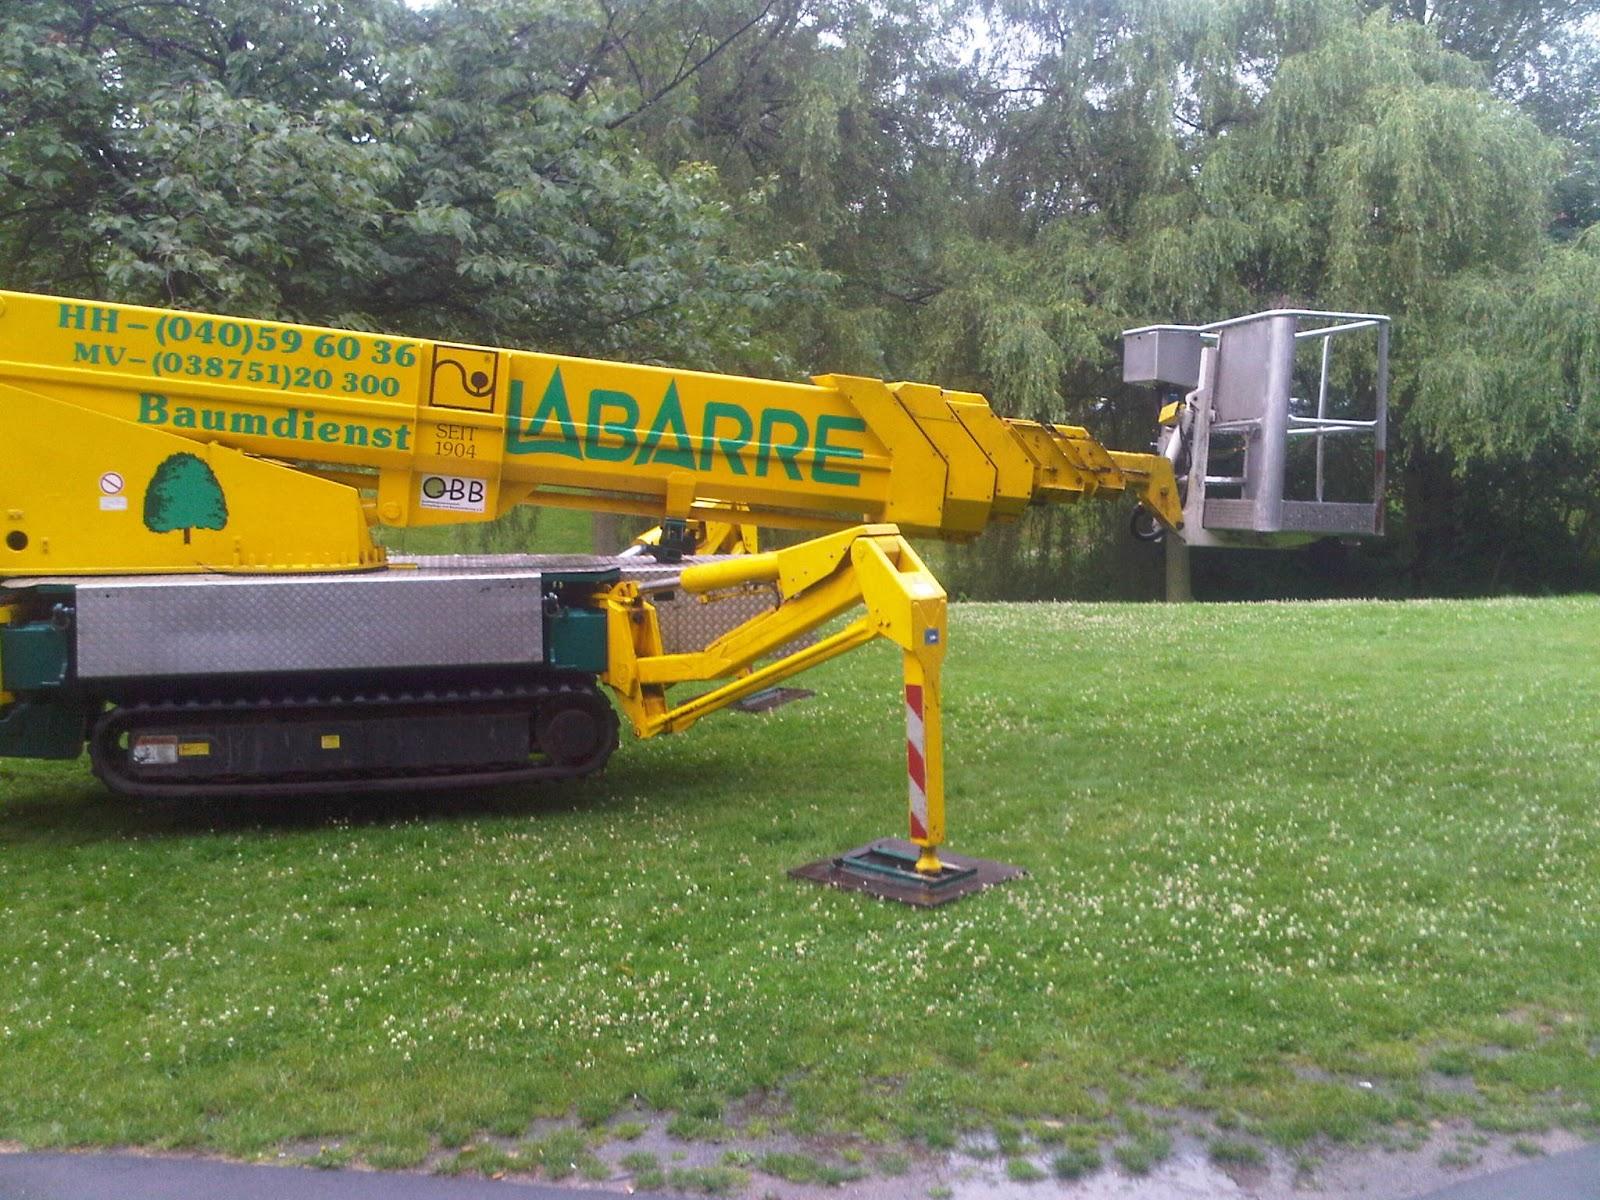 Garten-Cyborg Drehleiter auf Raupenfahrzeug im Park auf grüner Wiese